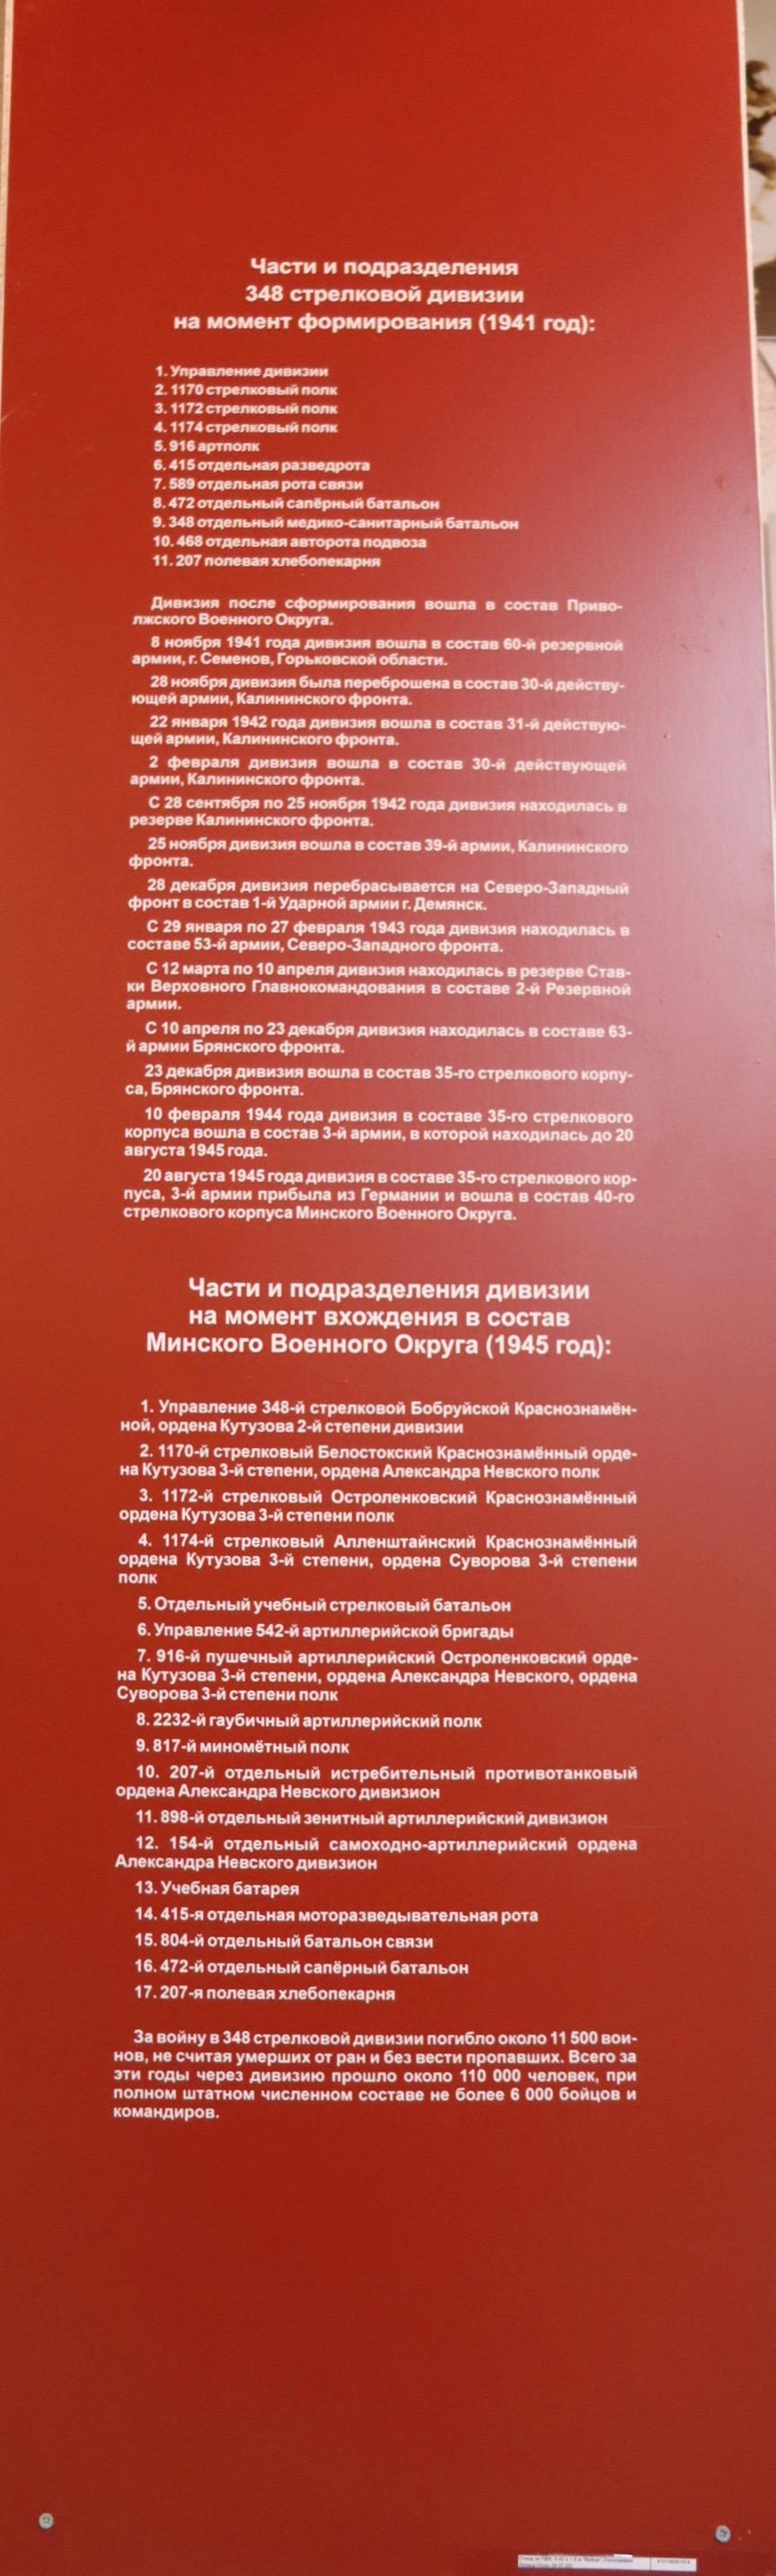 3_Подразделения 348 стрелковой дивизии